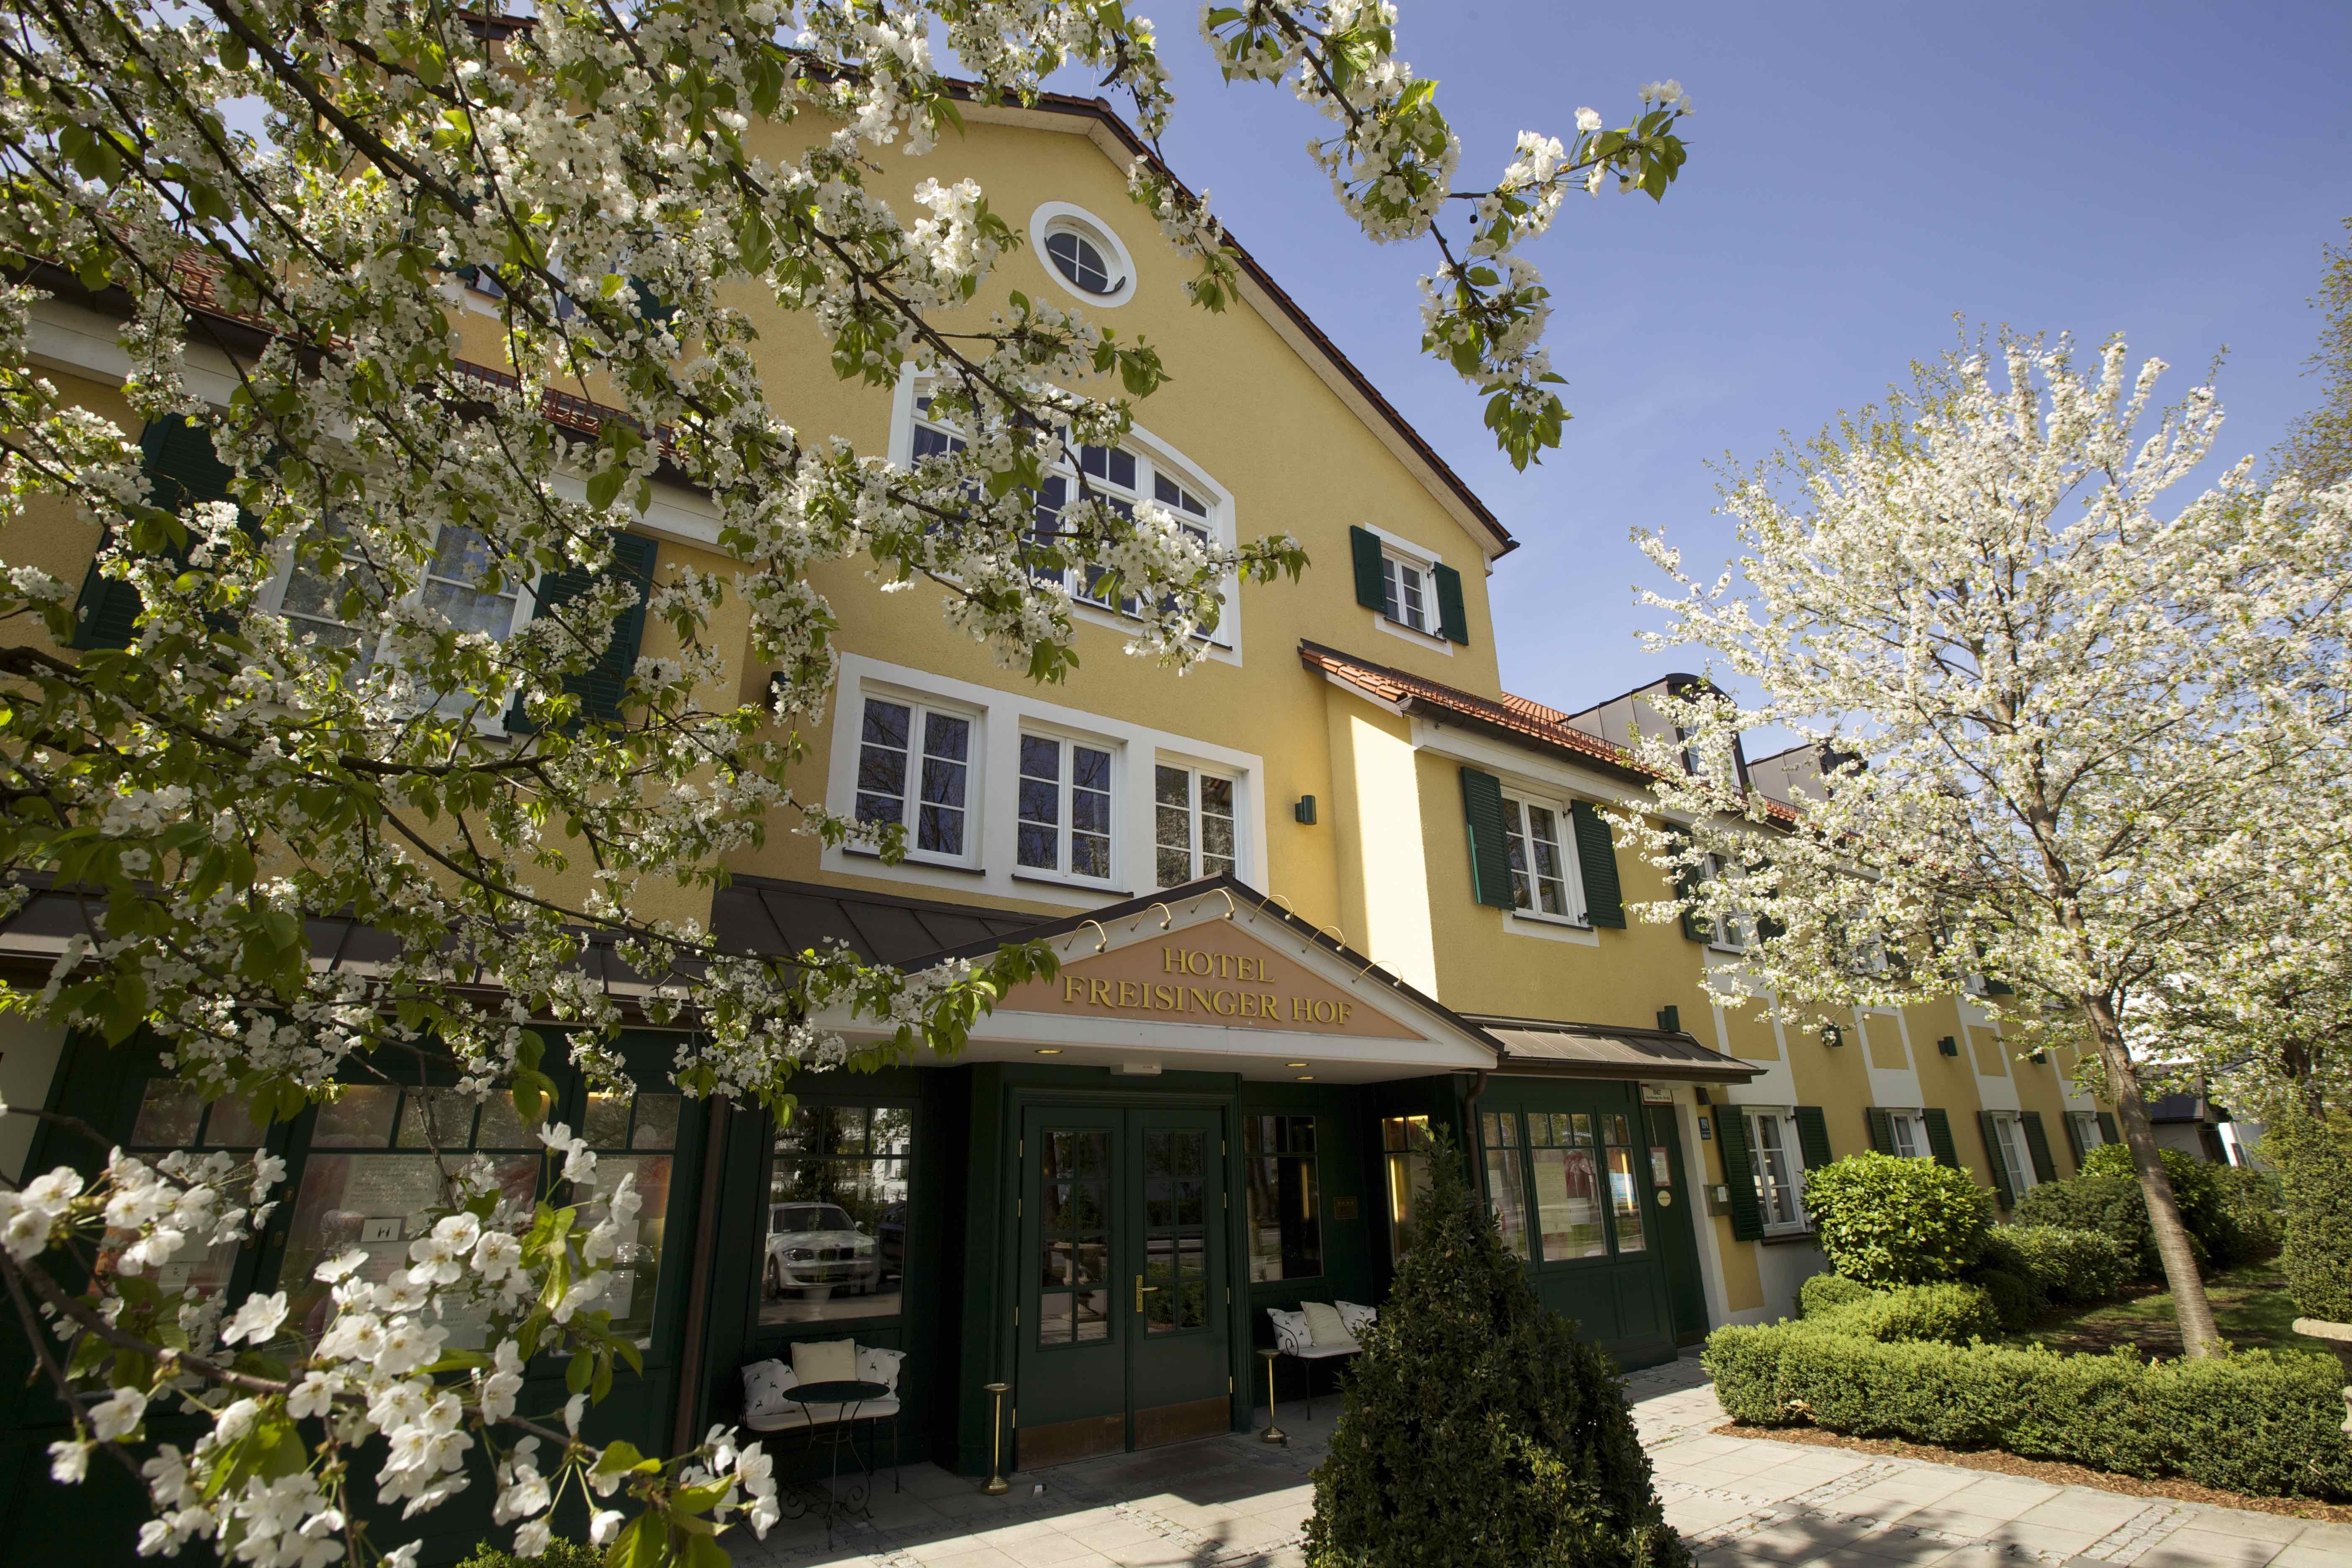 Das Hotel Freisingerhof**** liegt am Rande des Englischen Gartens und überzeugt mit einer perfekten Anbindung, sowie einer hervorragenden Küche!